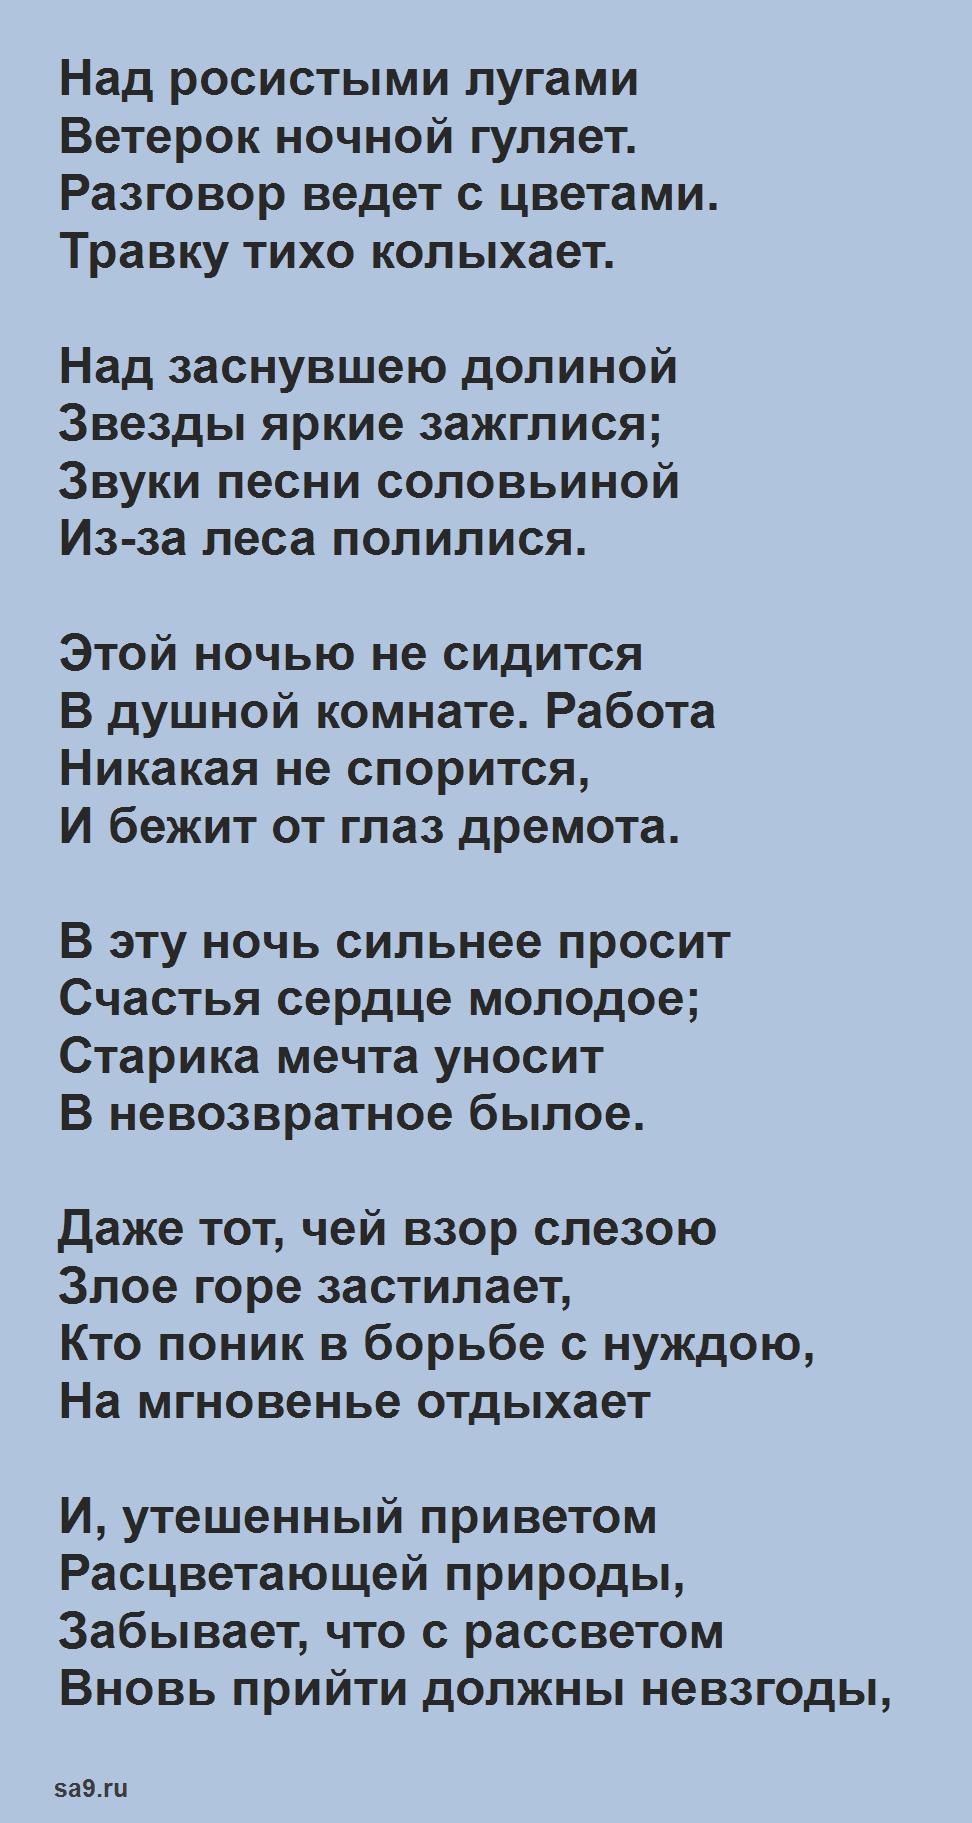 Стихи Плещеева о временах года, для детей